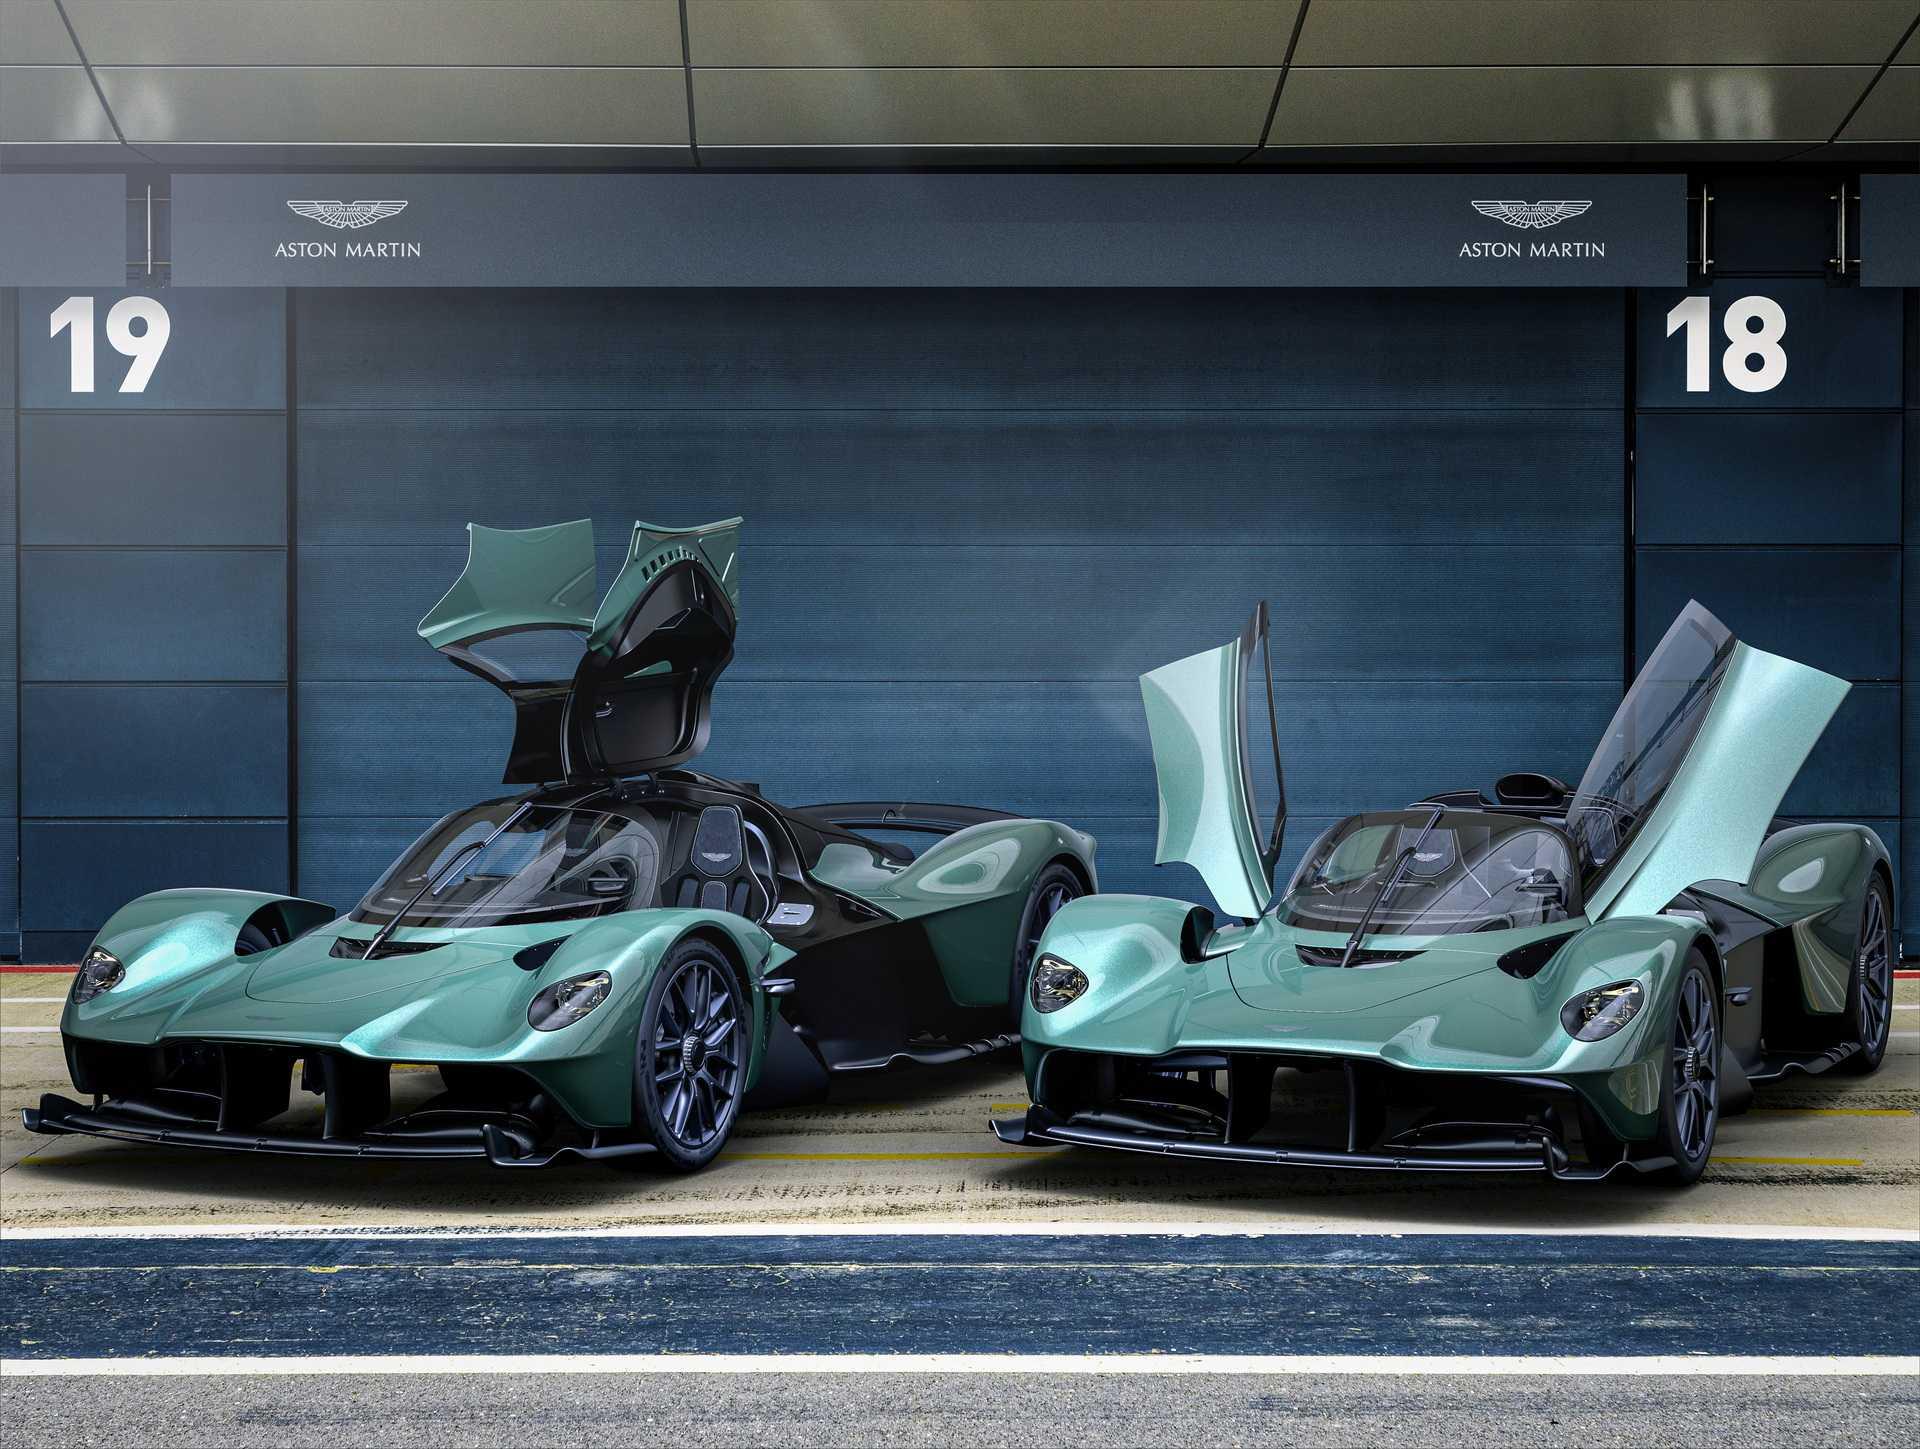 Aston-Martin-Valkyrie-Spider-siêu-phẩm-mui-trần-mạnh-1160-mã-lực (9).jpg